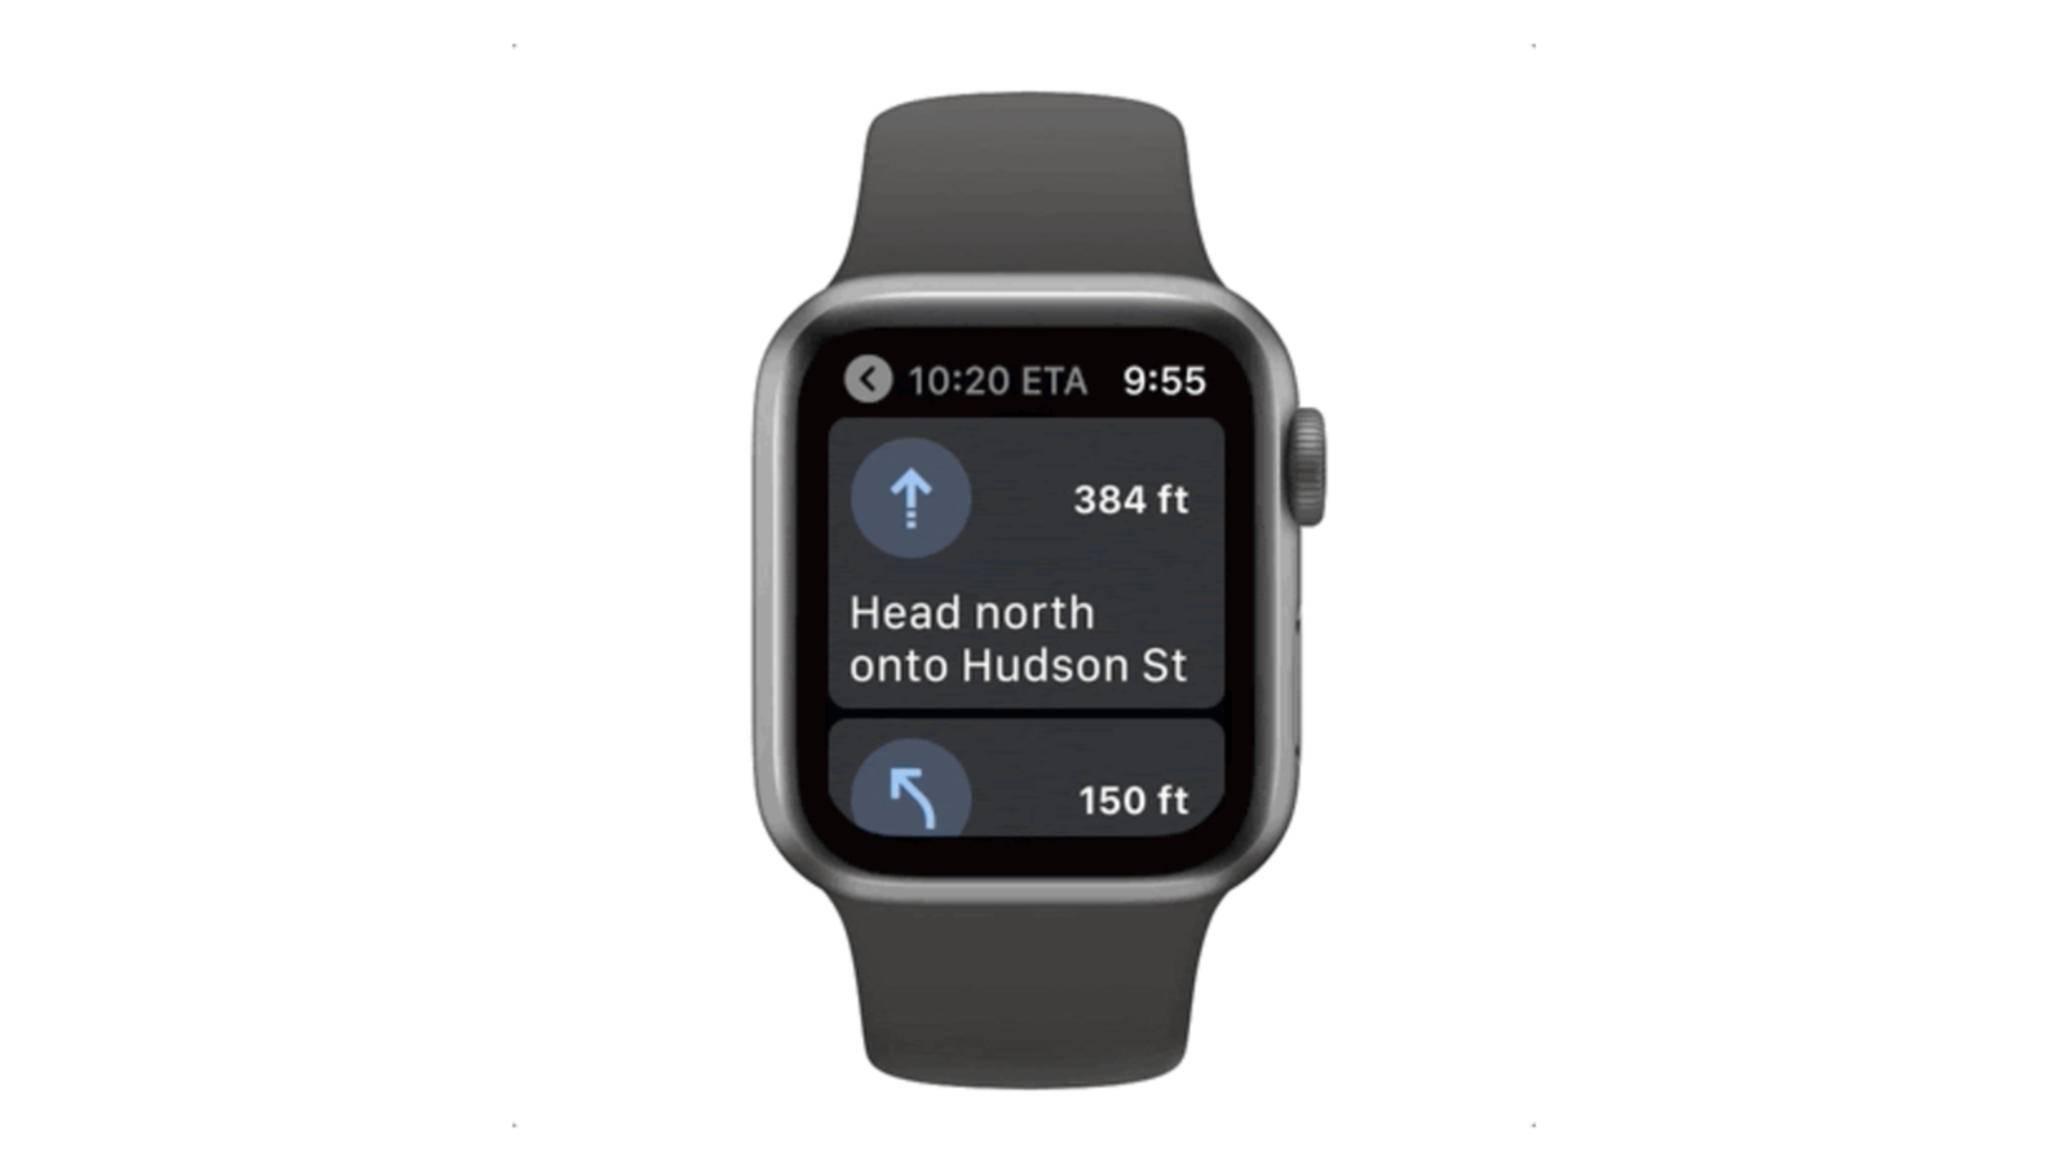 Für die Navigation auf der Apple Watch kannst Du jetzt wieder Google Maps nutzen.